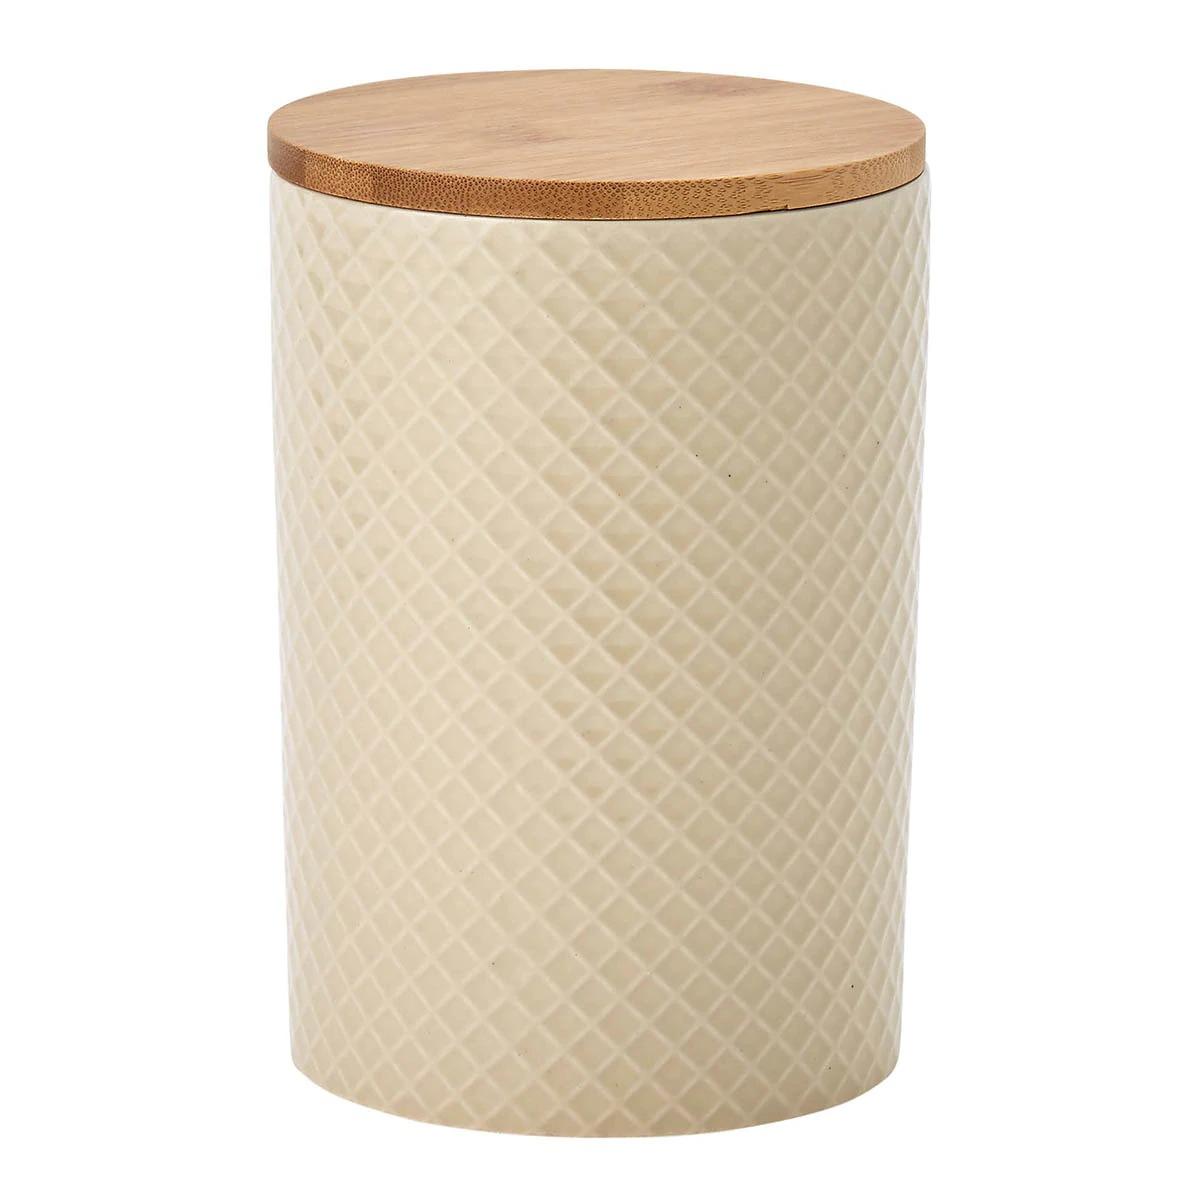 Tarro con tapa de bambú